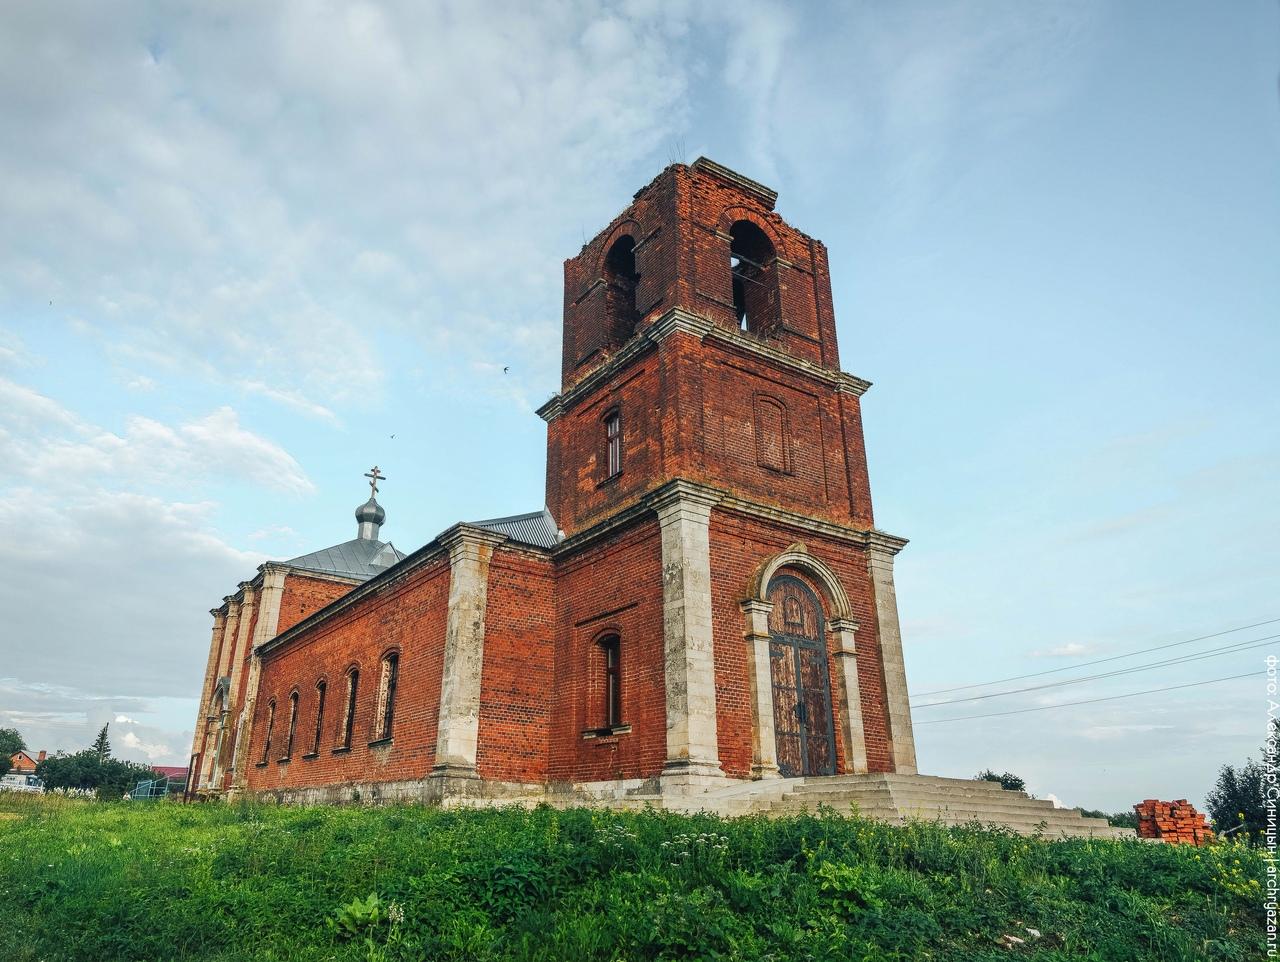 Церковь Покрова Пресвятой Богородицы в Лобановских Выселках